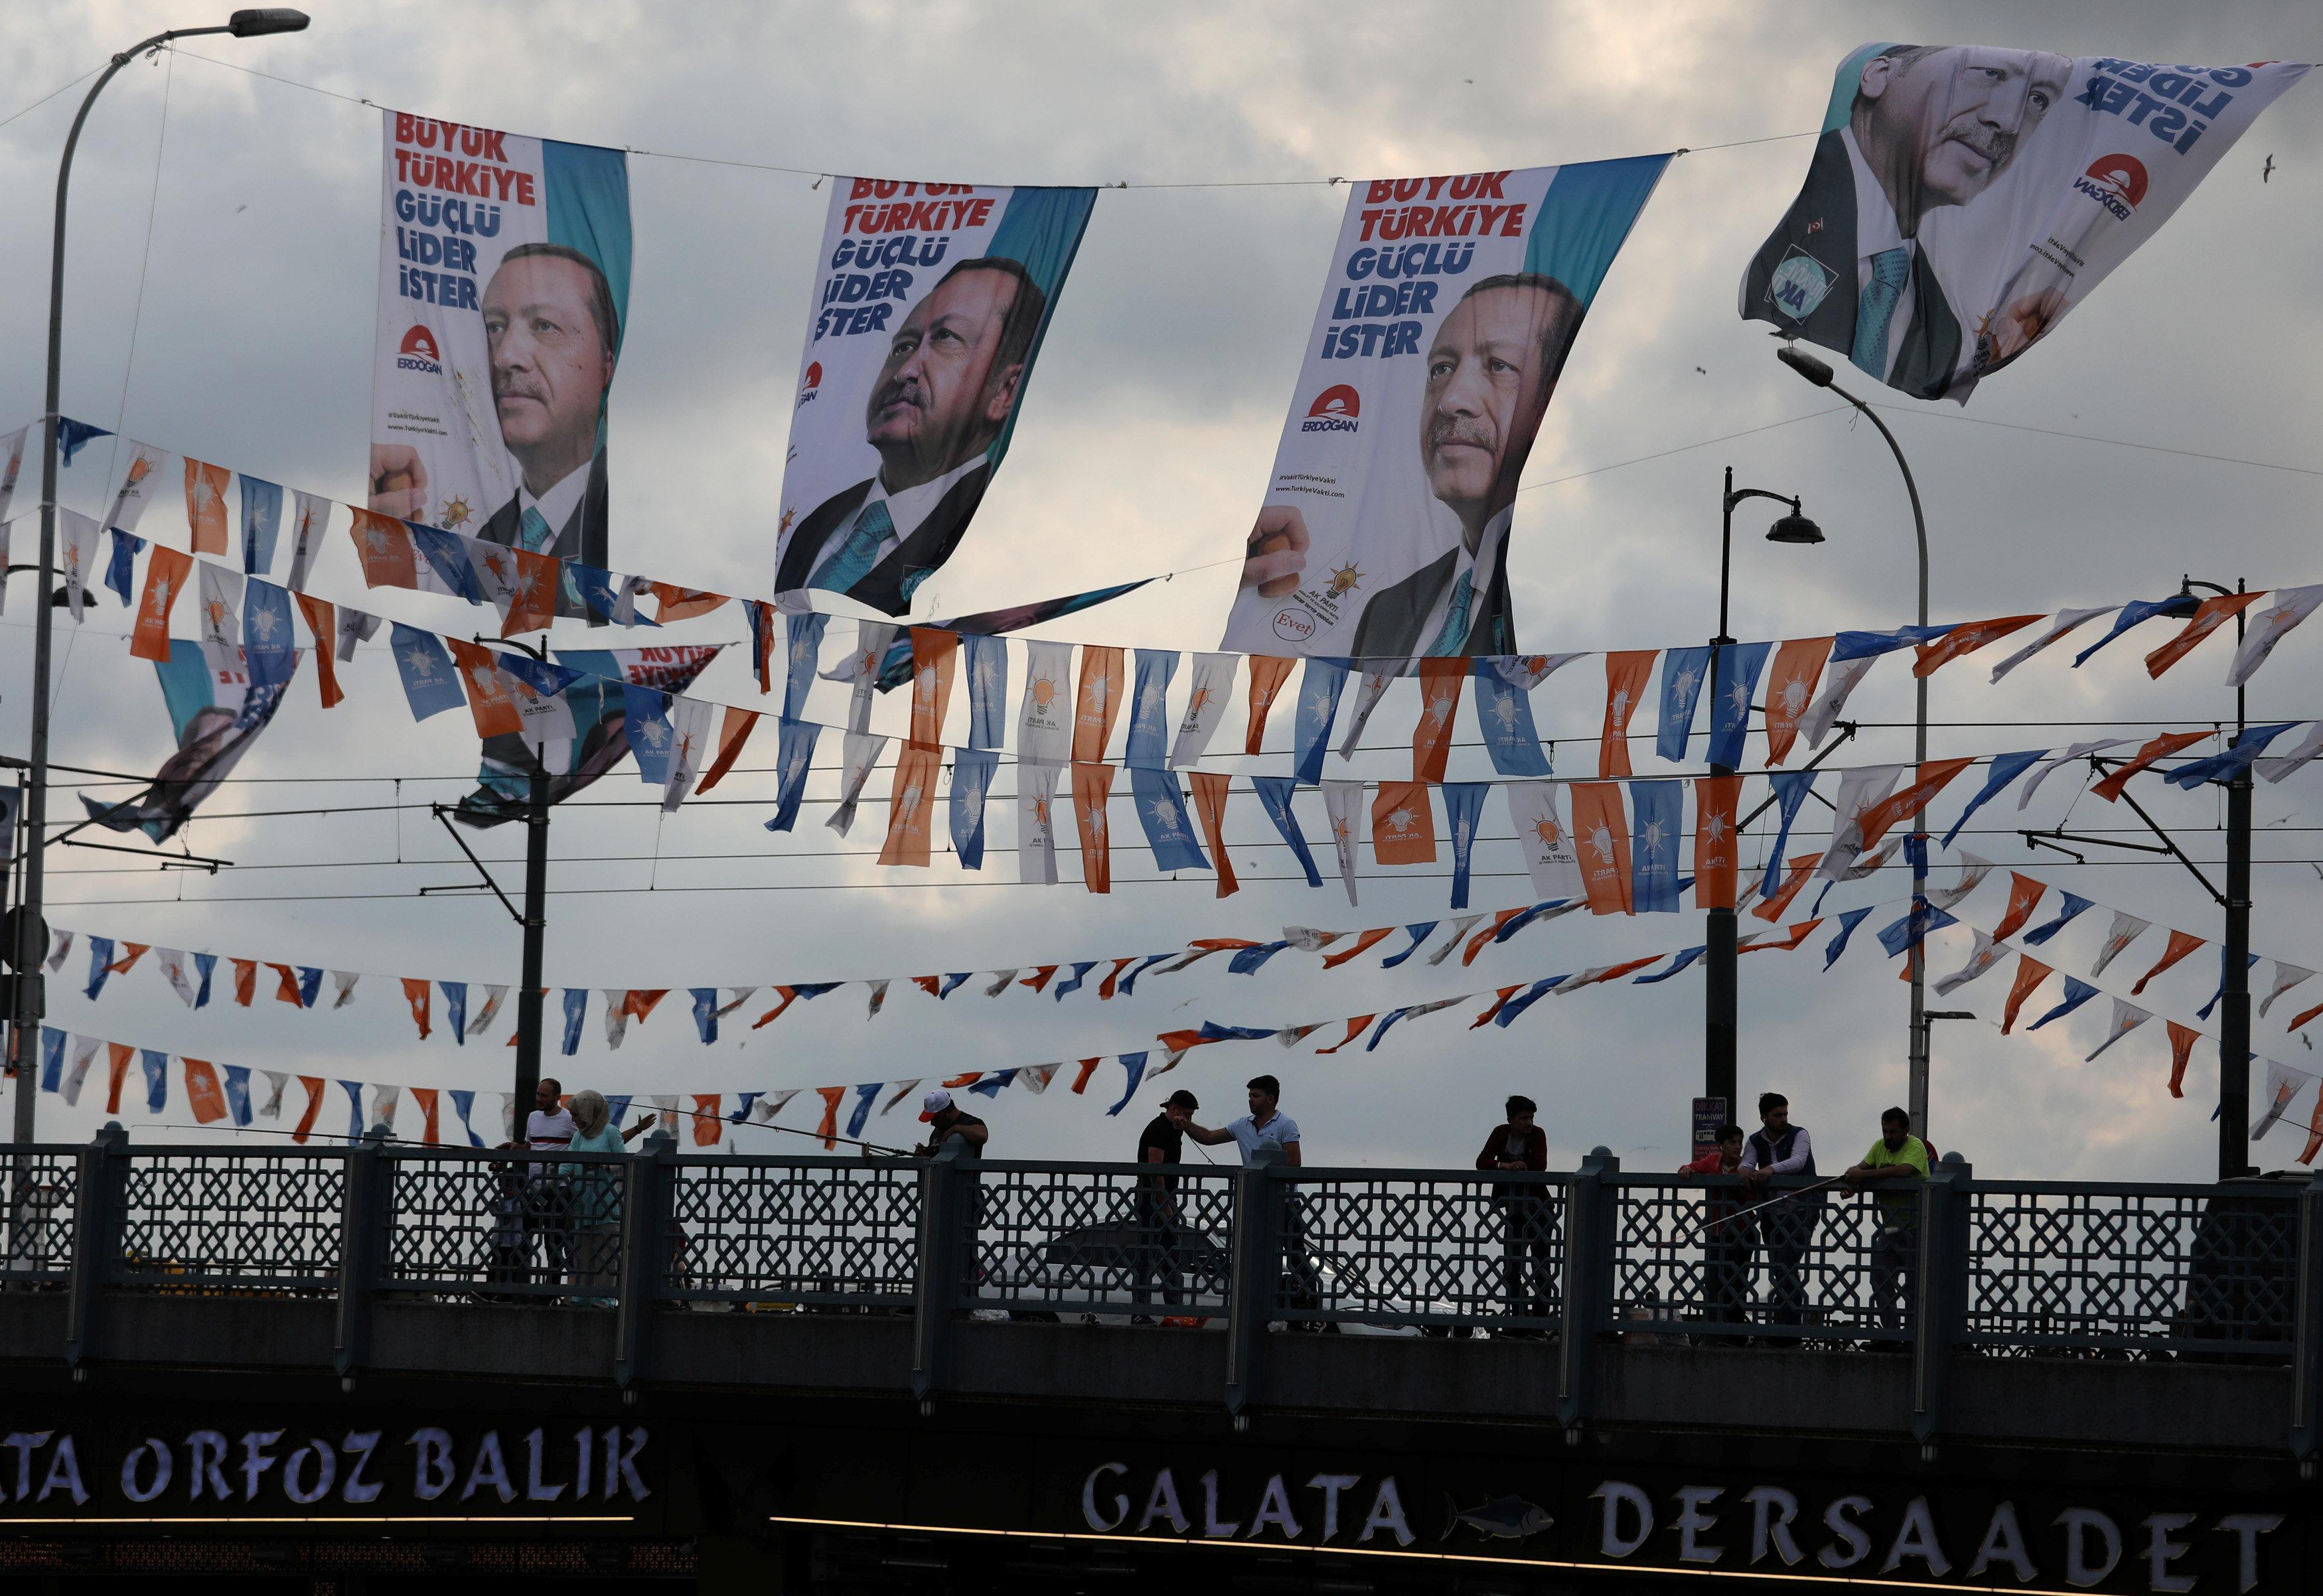 Τι πραγματικά σημαίνει η τουρκική υπαναχώρηση από τη διμερή συμφωνία για την επαναεισδοχή των